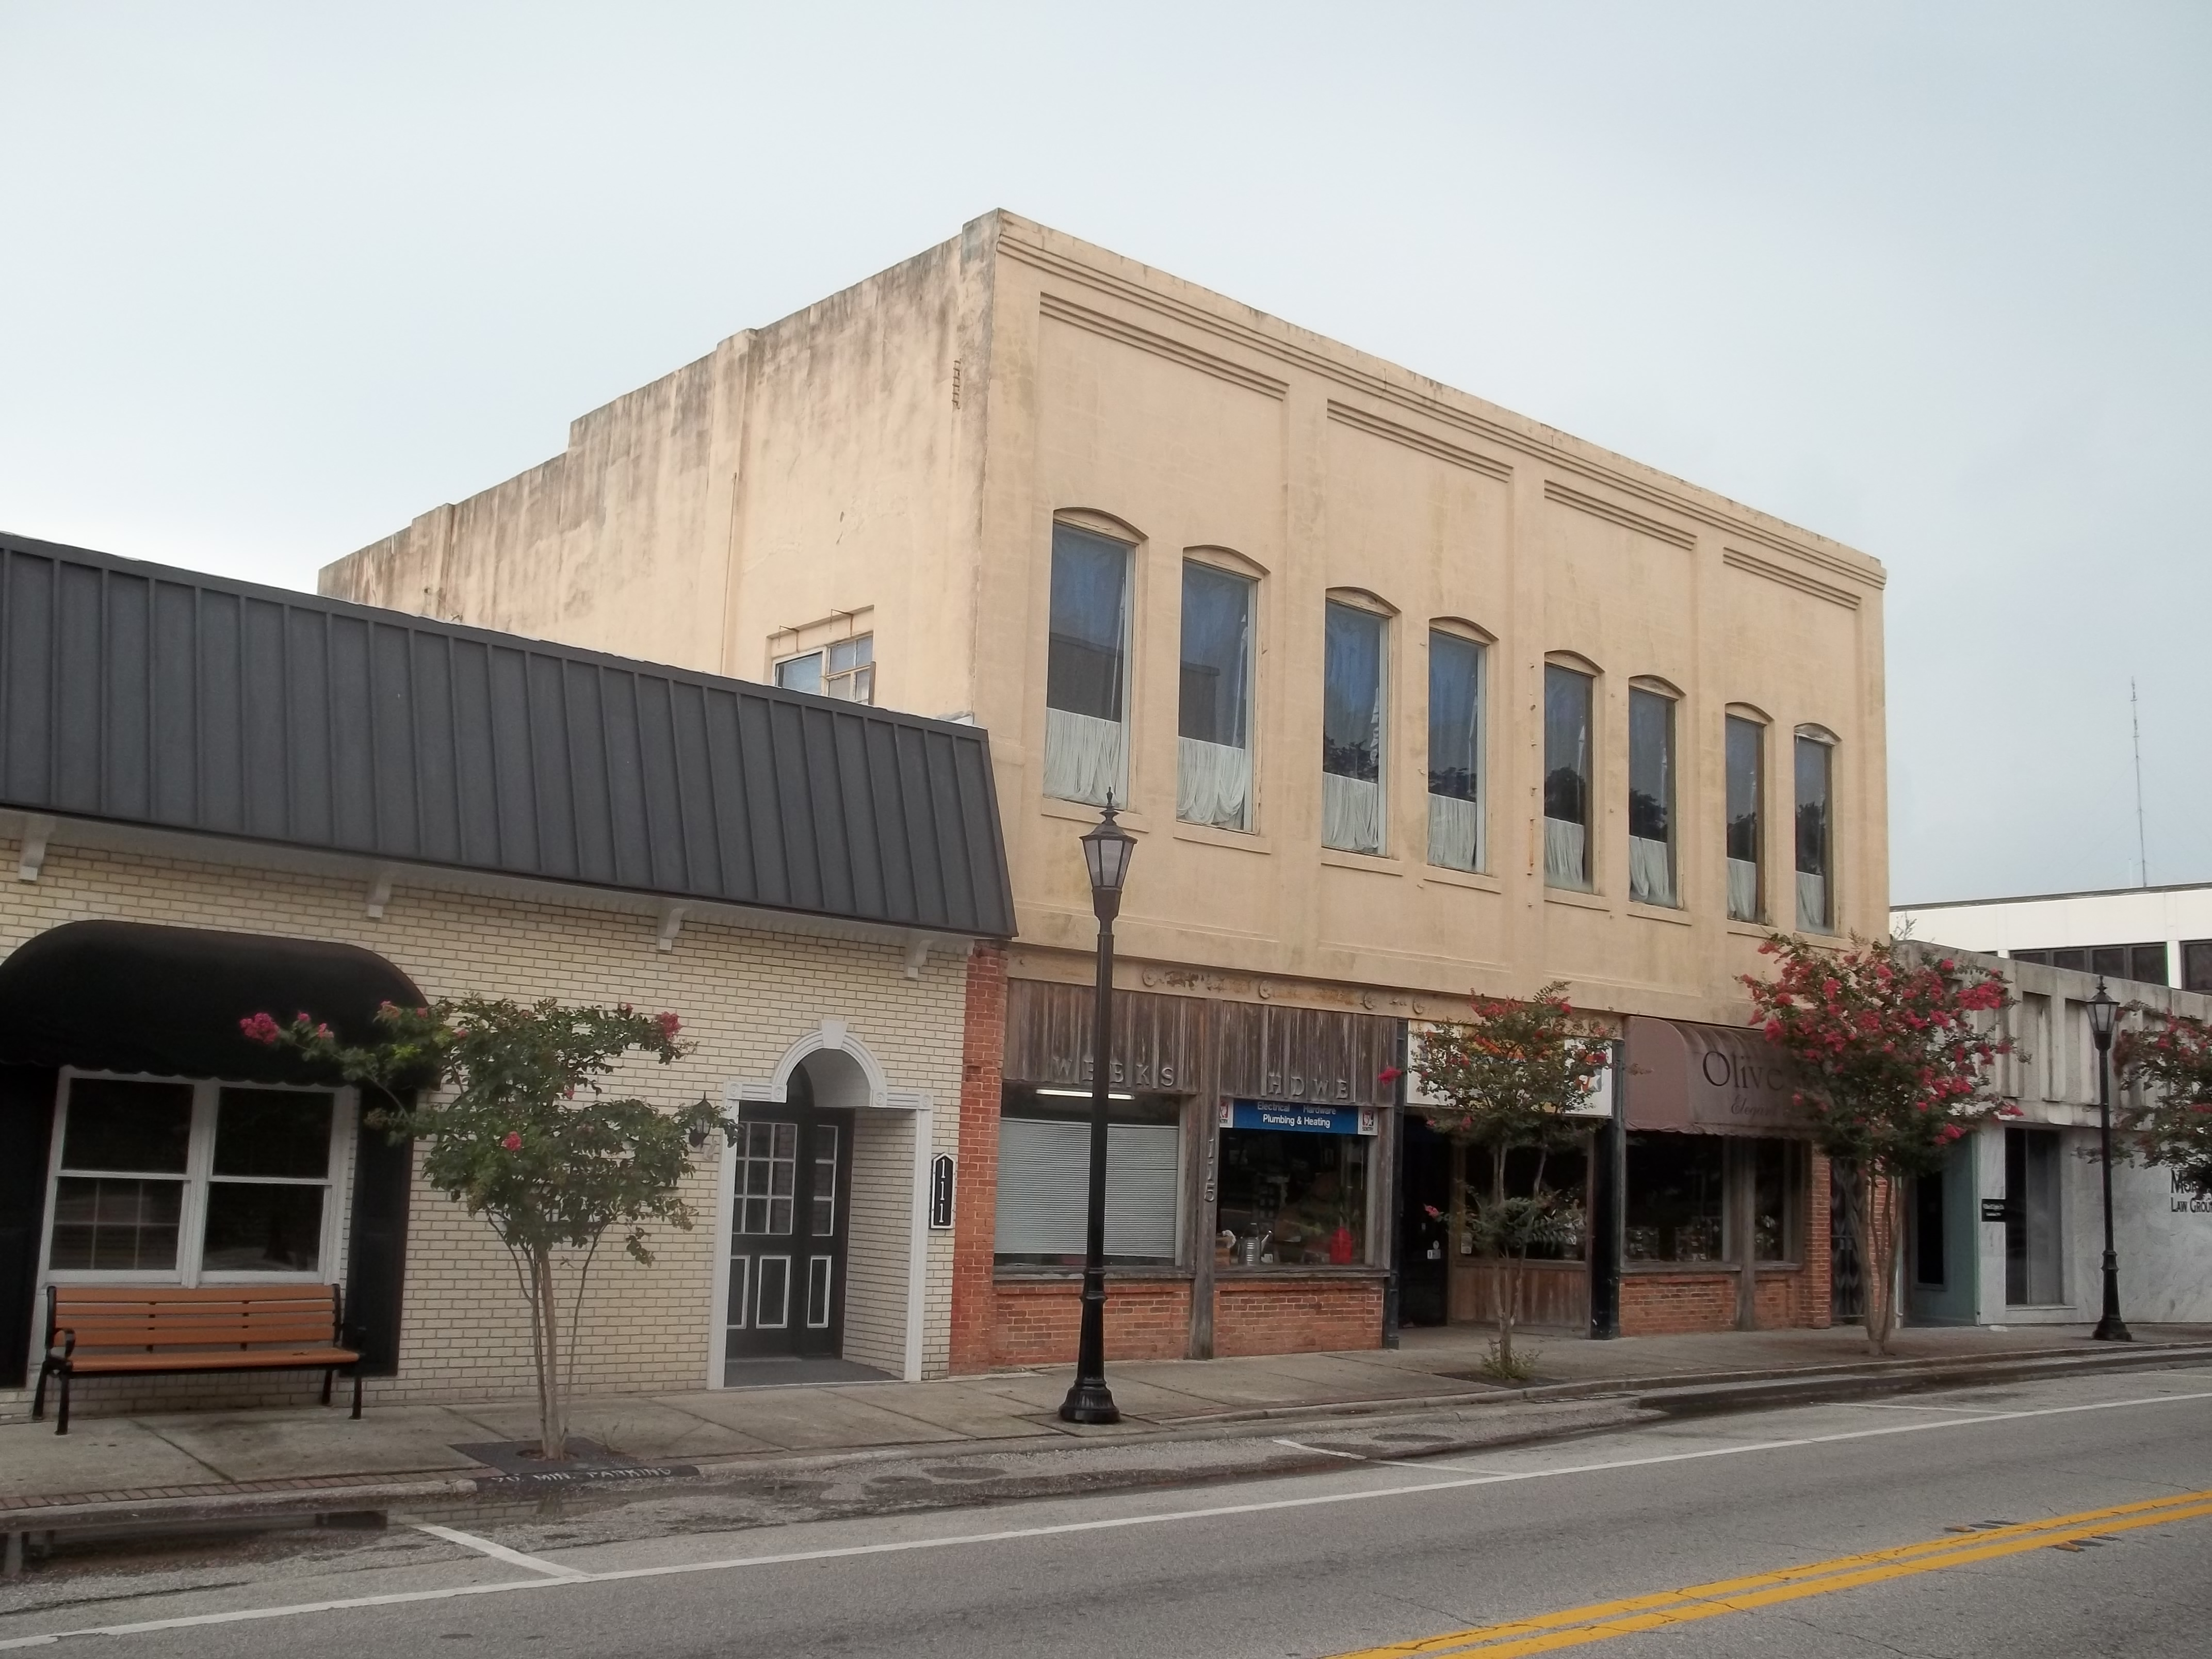 Google images for Sheds brooksville fl